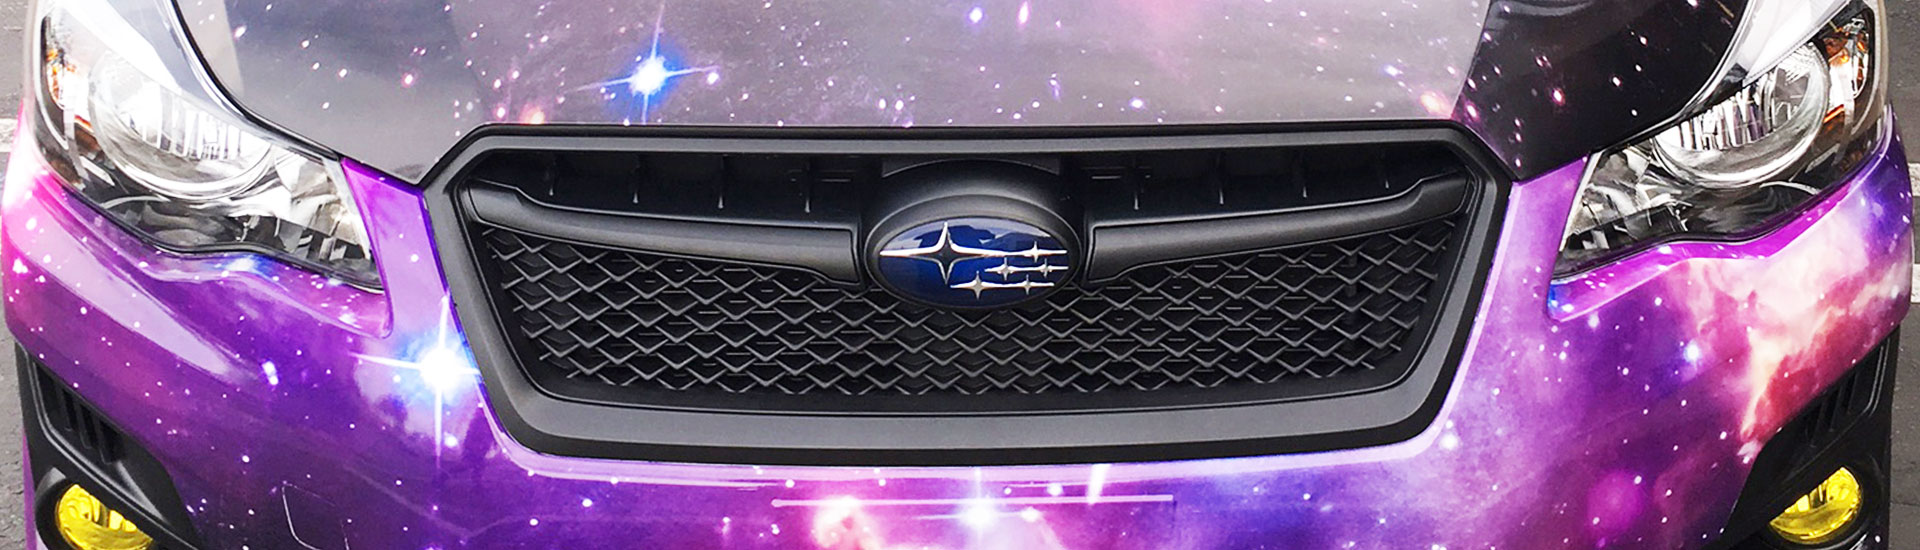 Subaru Wraps Shop For Subaru Brz Crosstrek Impreza Amp More